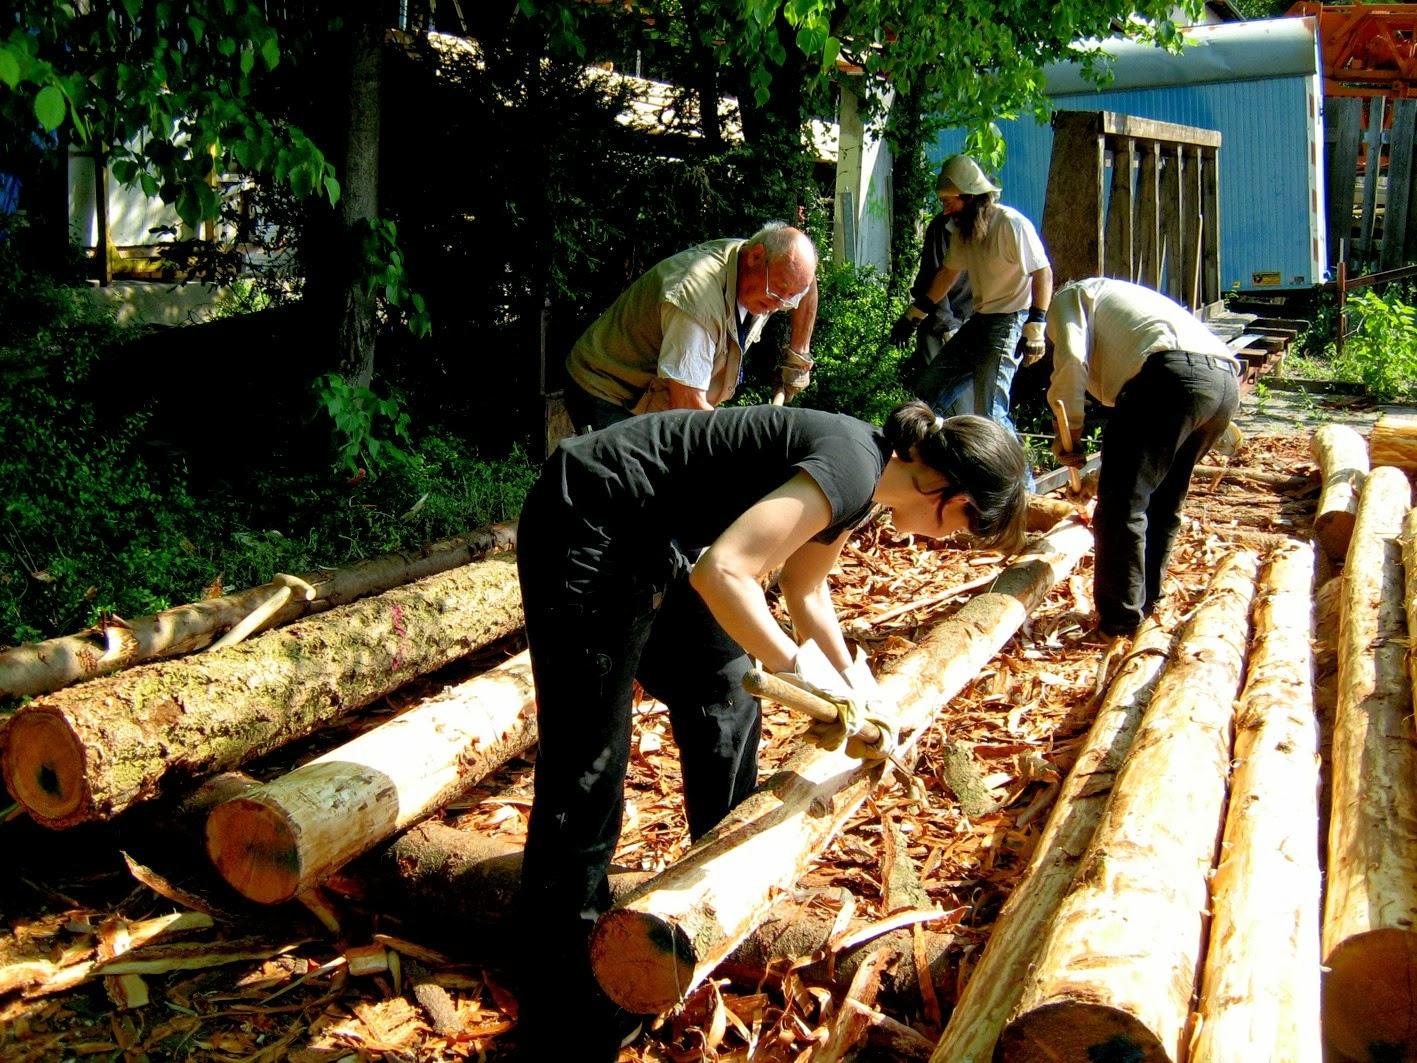 Schauenburger beim Schälen des Stammholzes